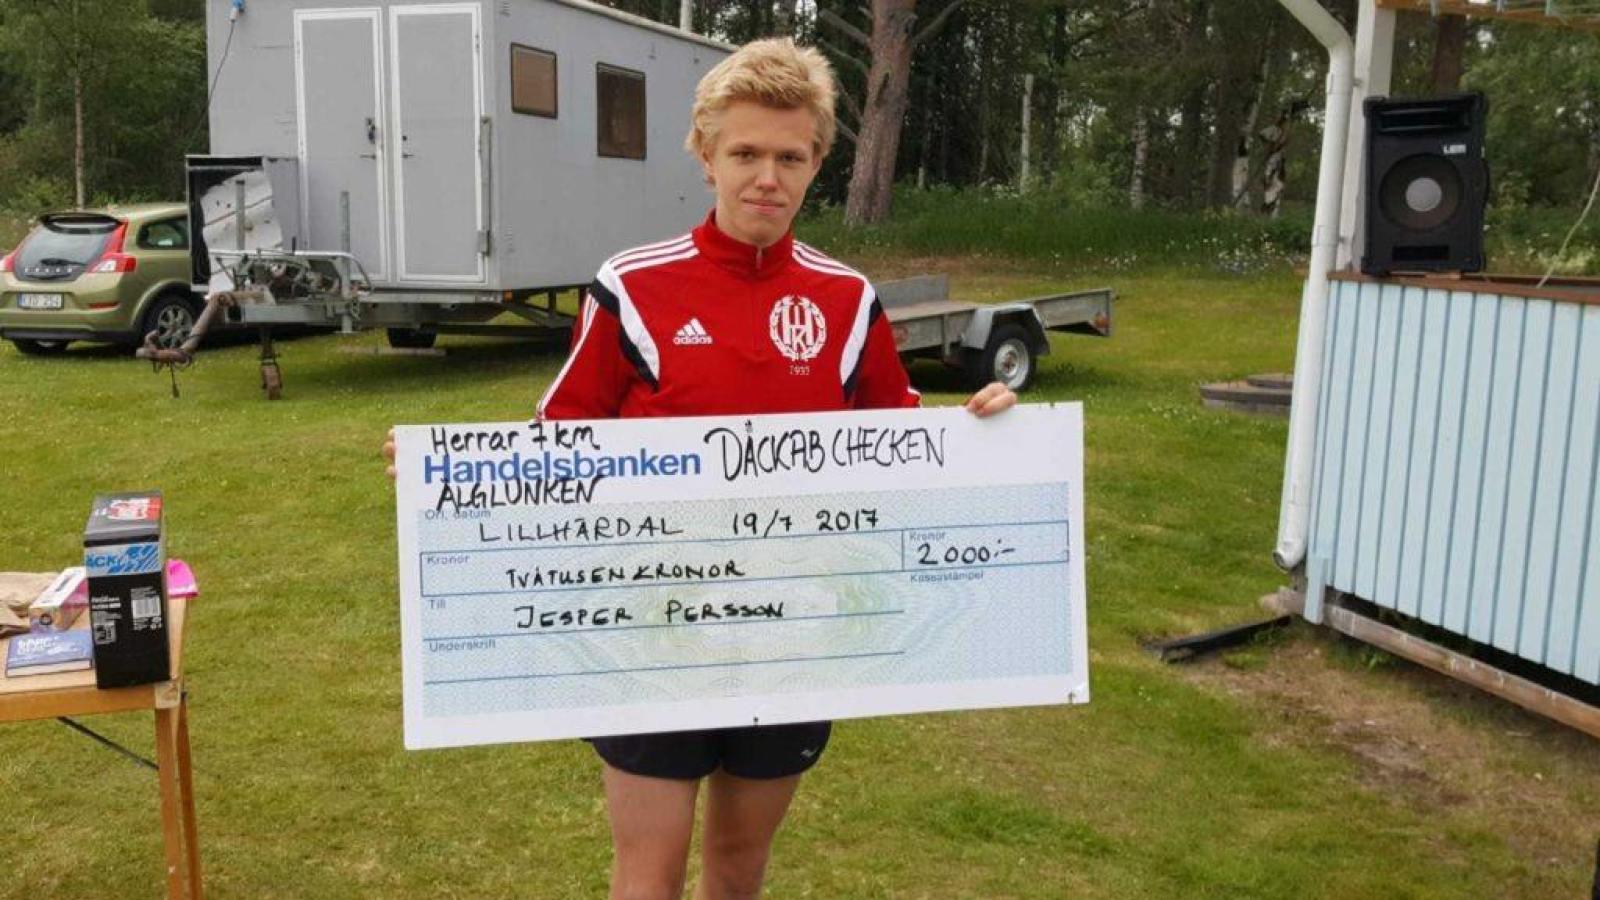 """Jesper Persson, Åsarna IK, vann 7 kilometersträckan och knep sin tredje inteckning i """"Däckab checken"""", vilket belönades med 2 000 kronor. Foto: B-G Eliasson"""